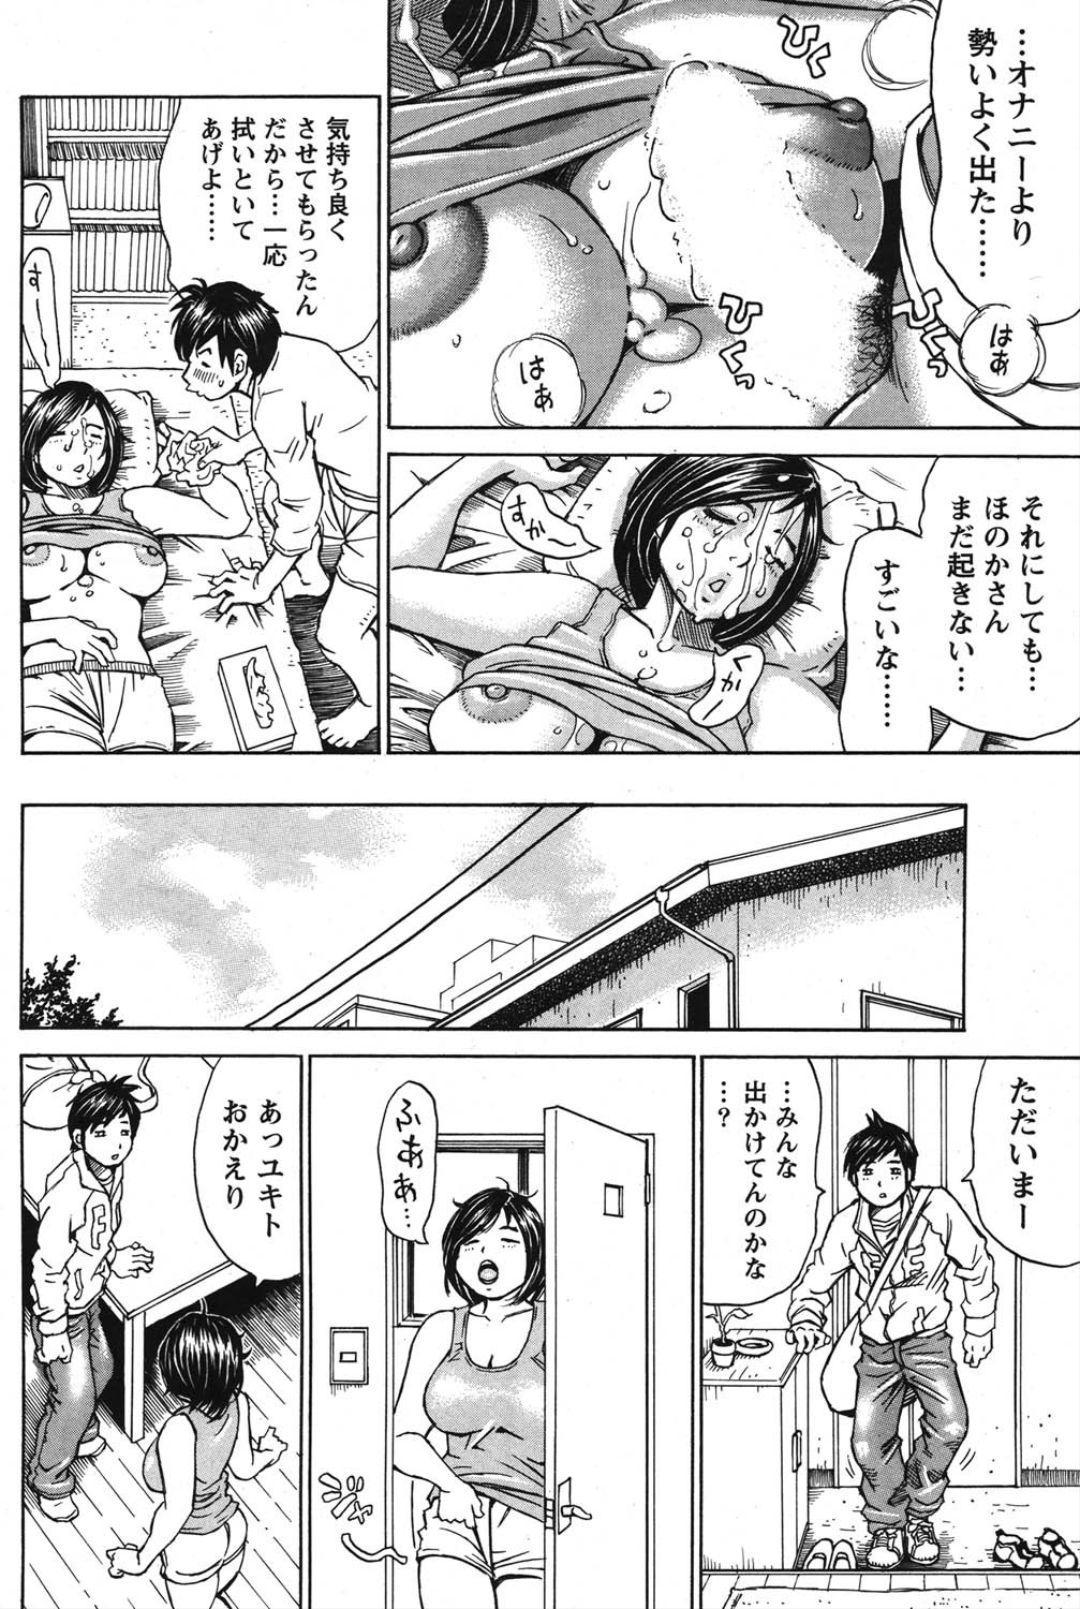 Nariyuki no Honoka-san 5